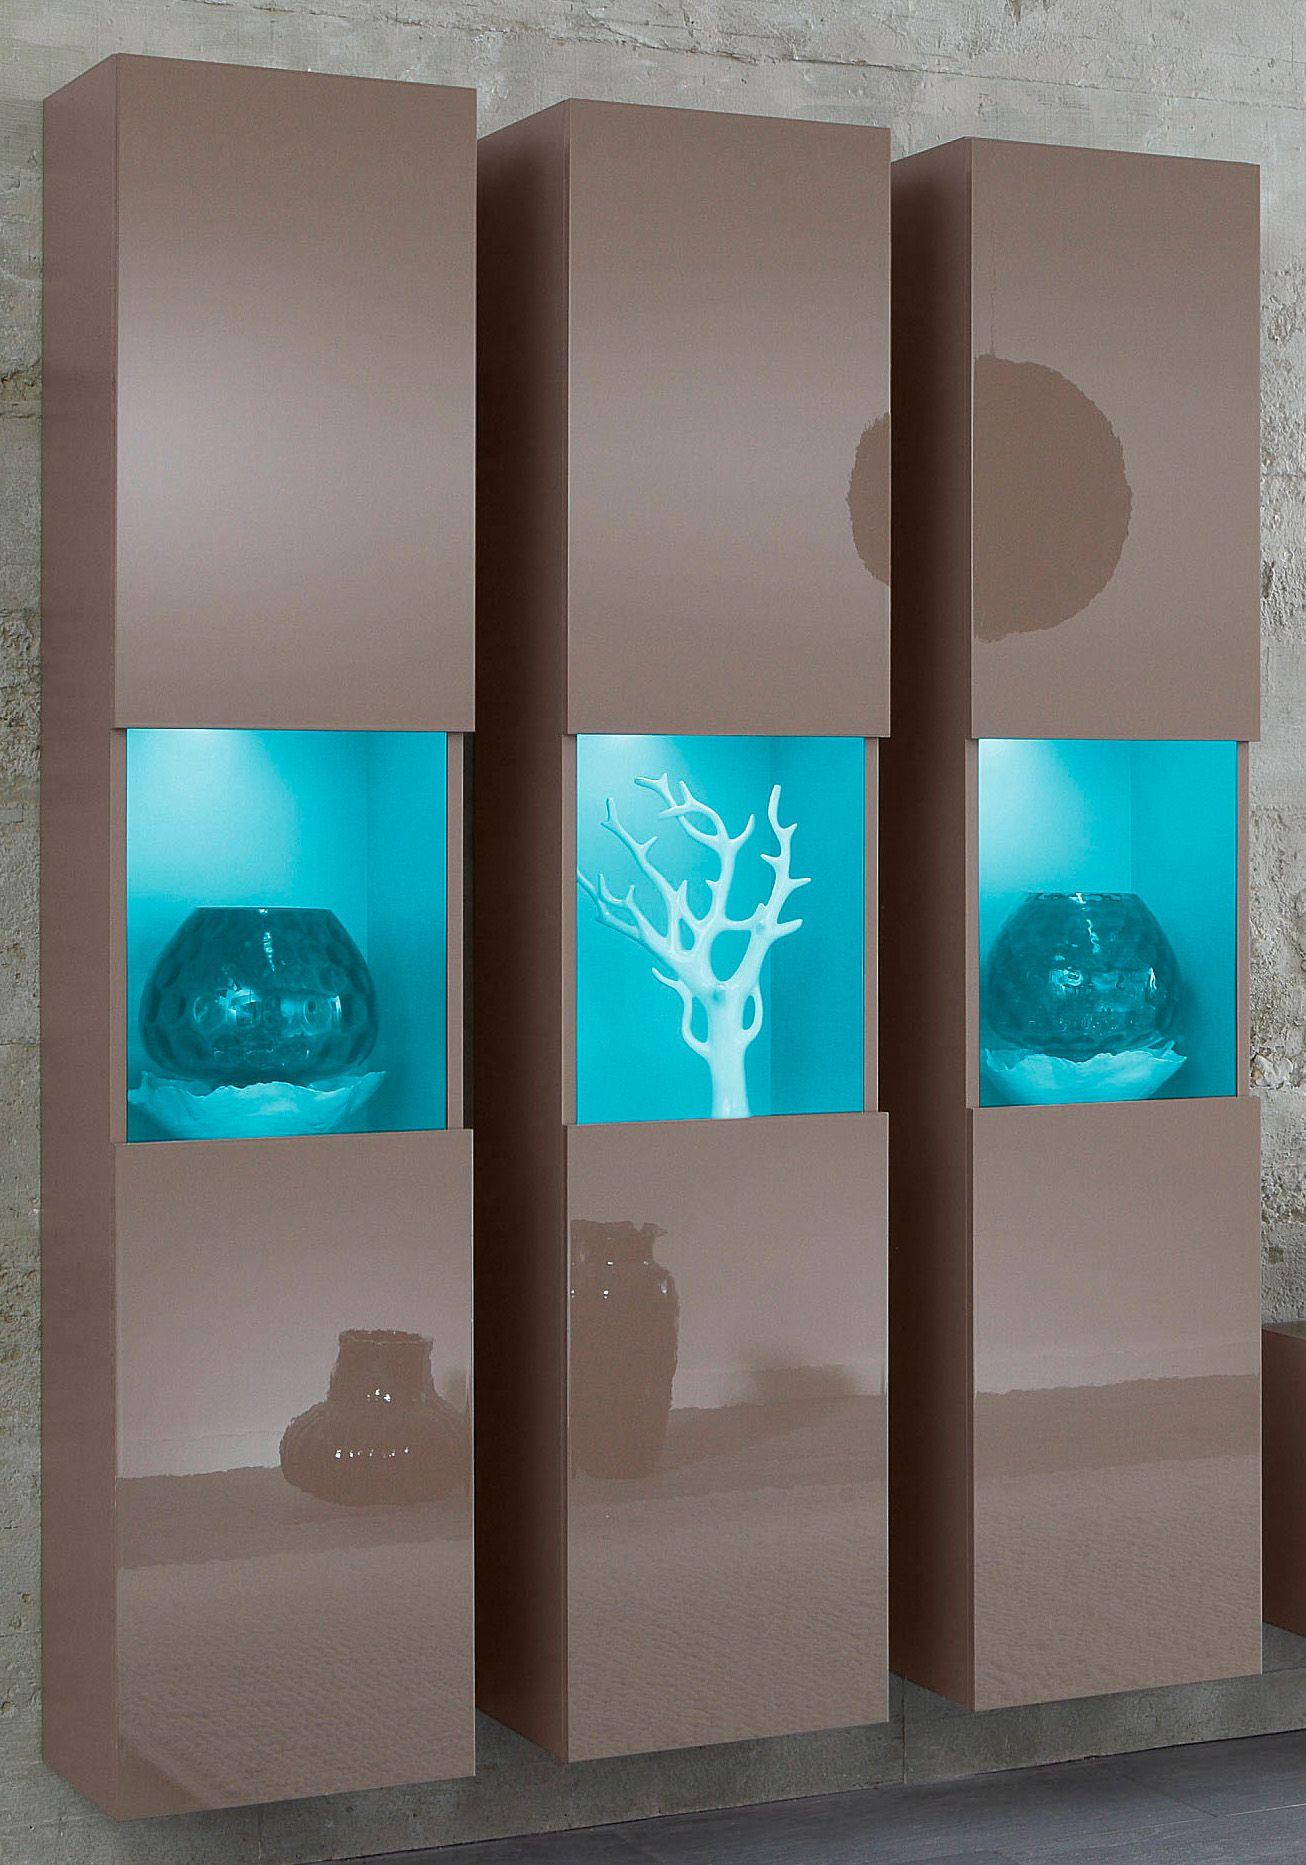 h ngevitrinen im schwab online shop m bel vitrinen. Black Bedroom Furniture Sets. Home Design Ideas